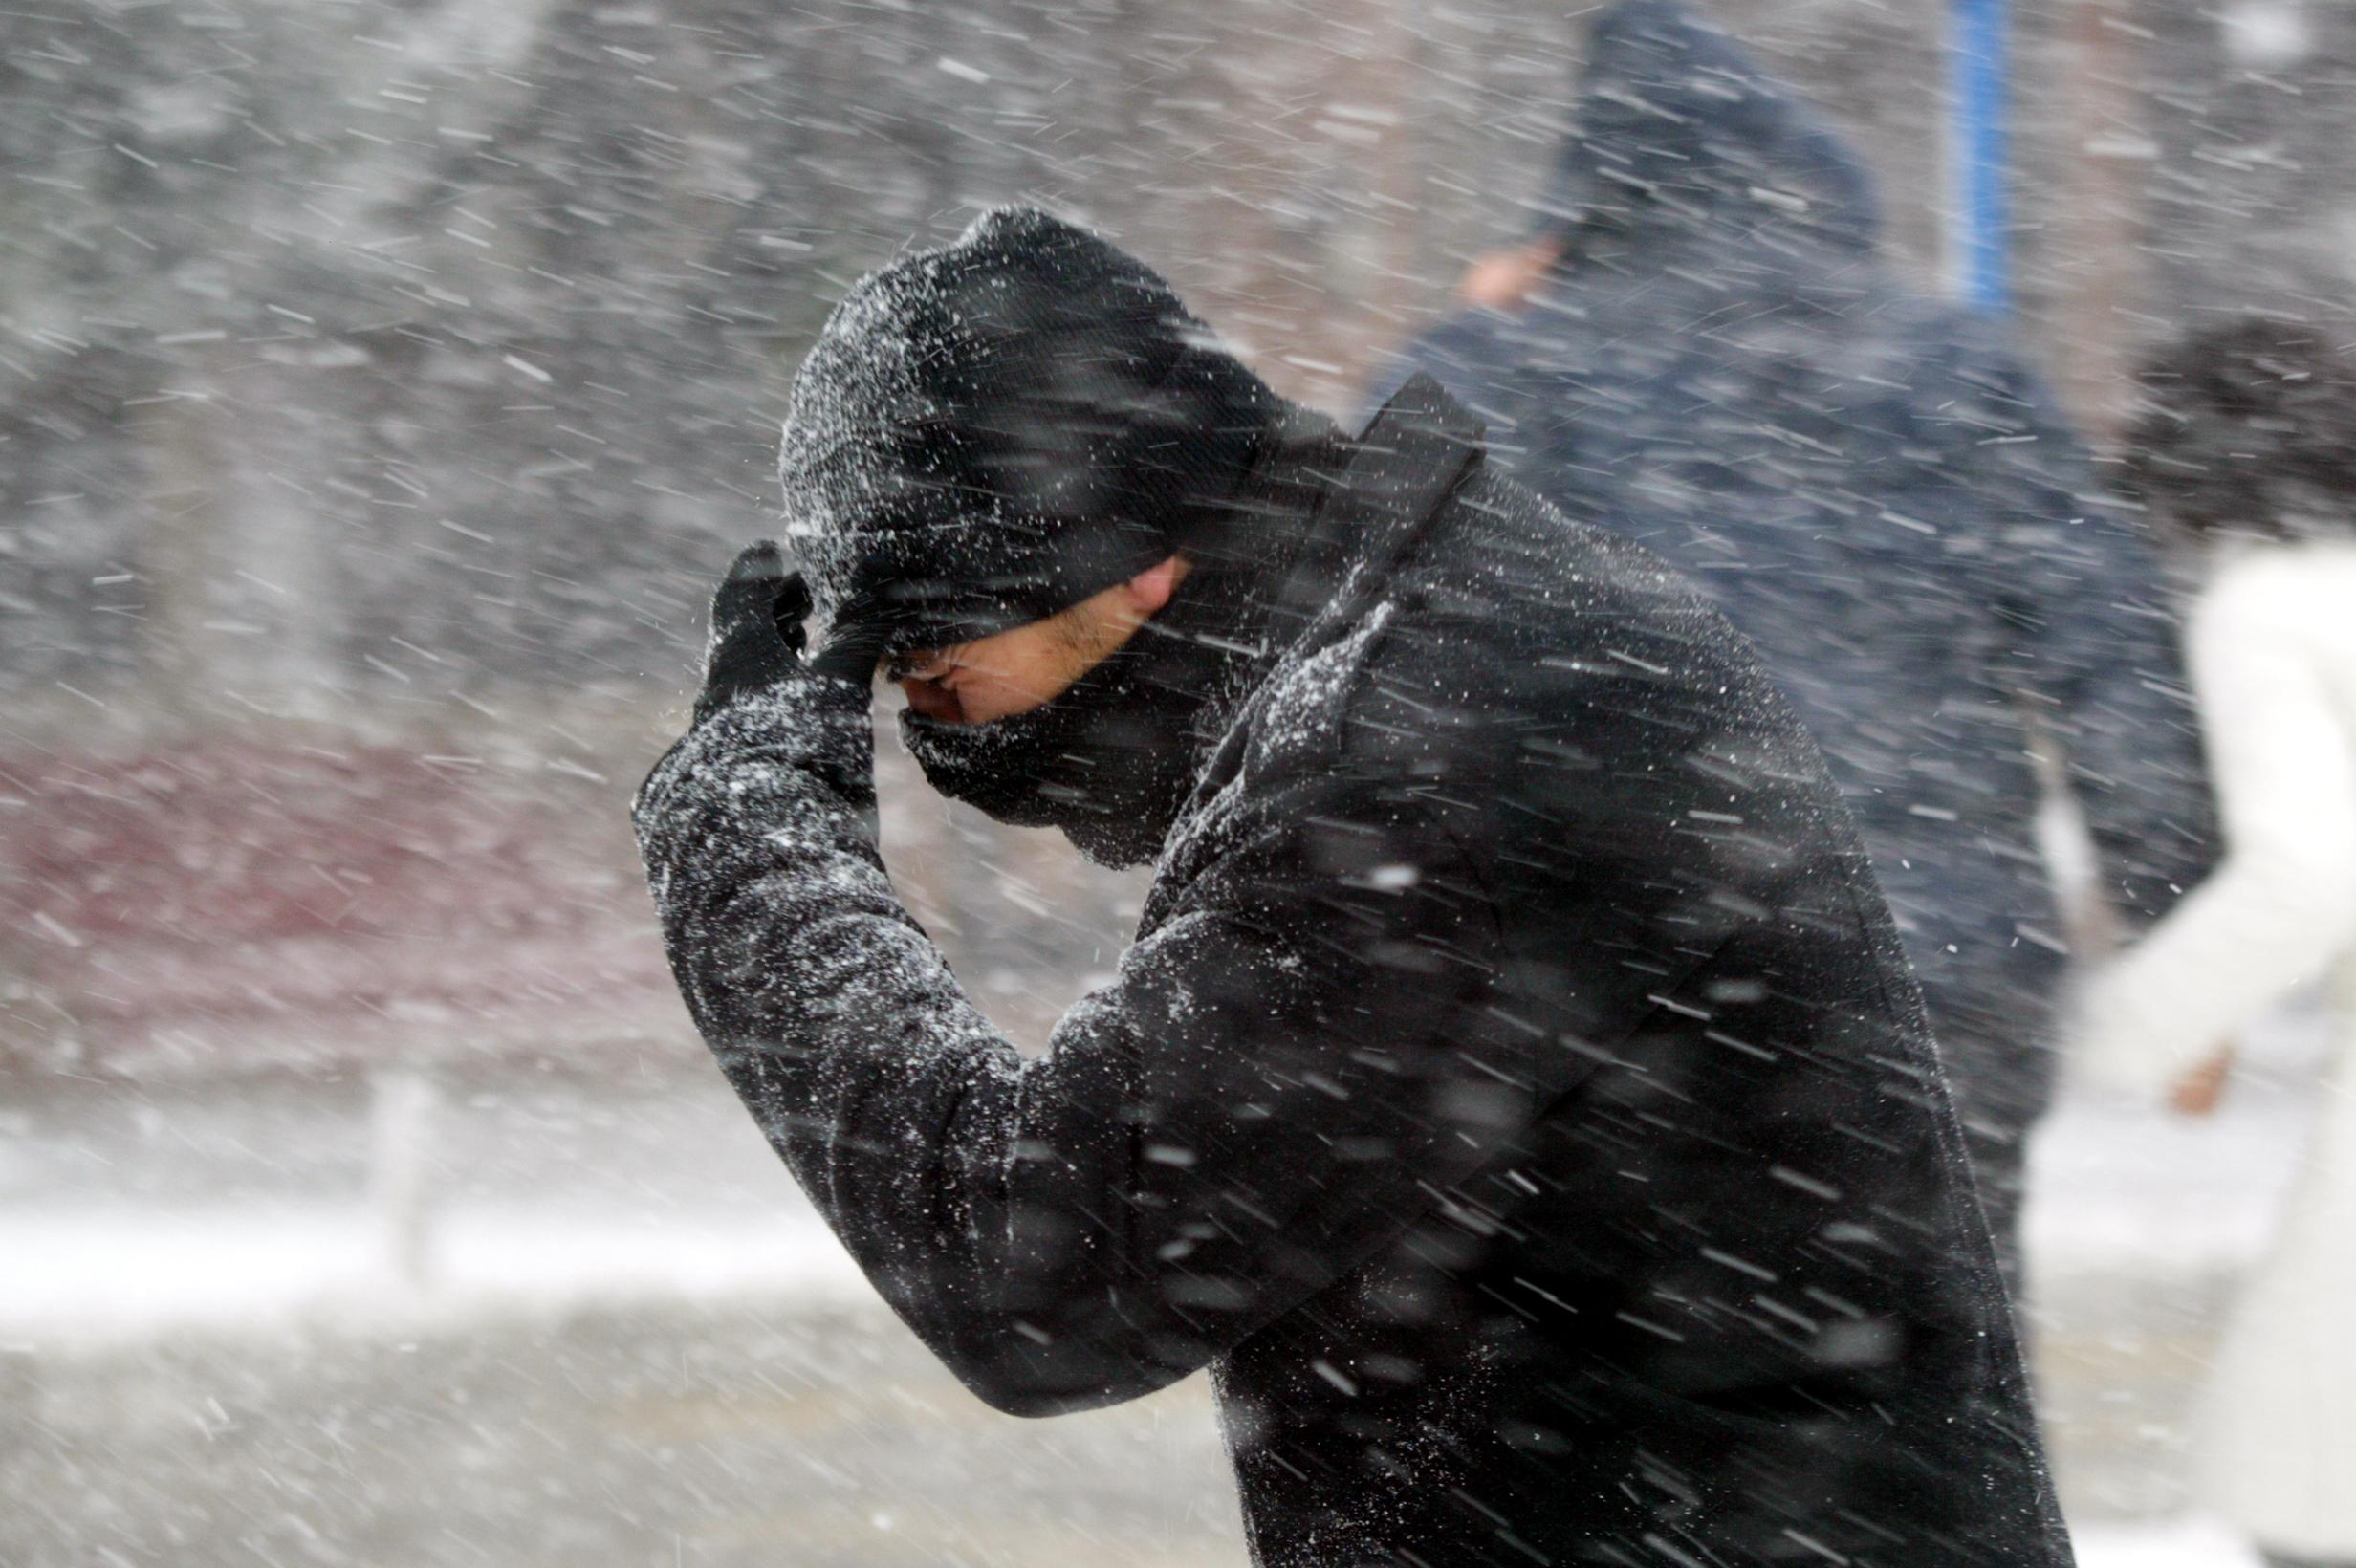 Жителей Тверской области предупредили об очень сильном ветре